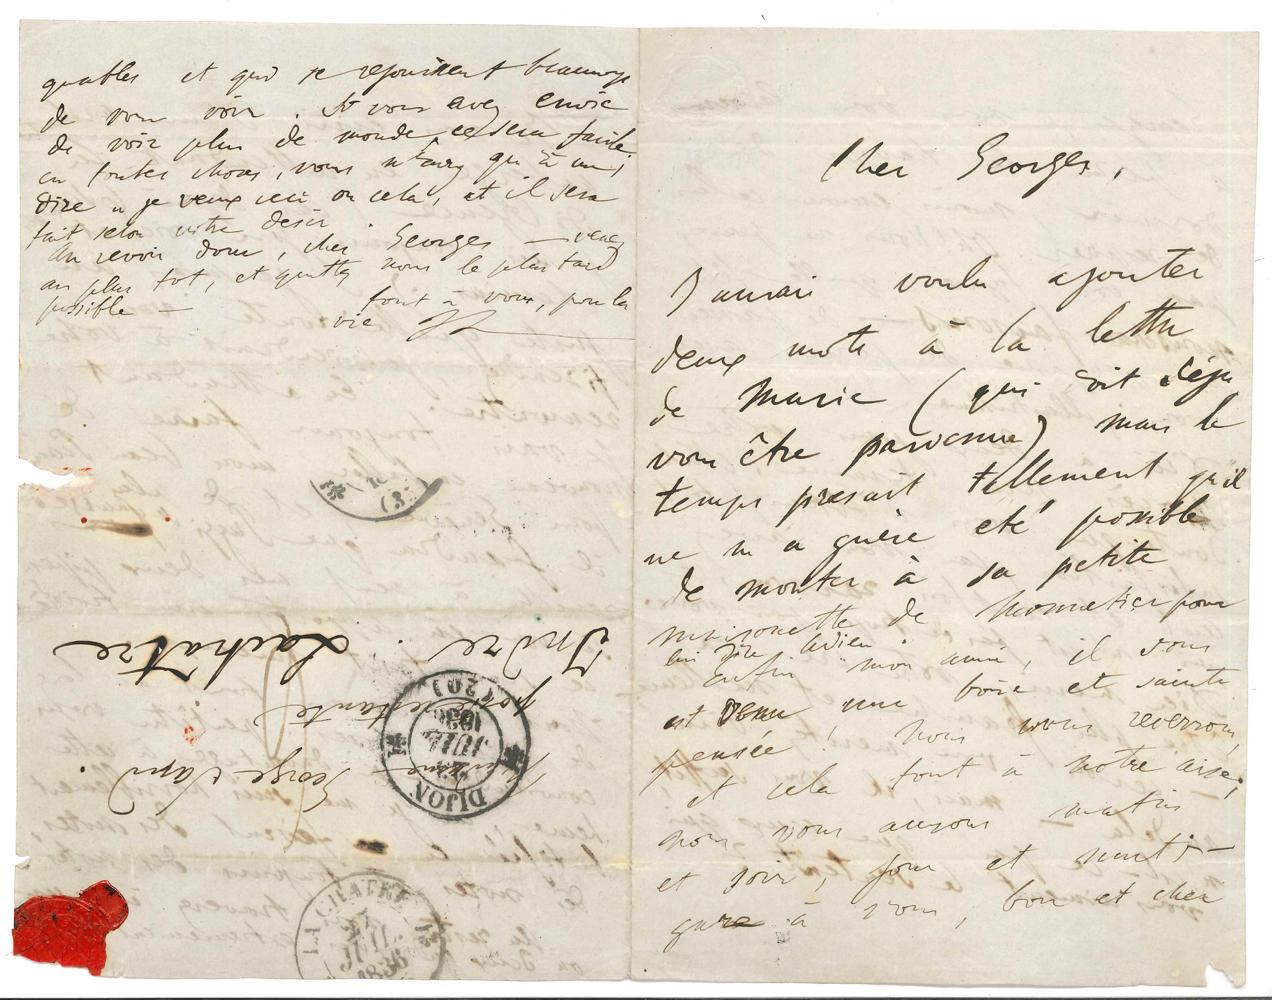 franz-liszt-1811-1886-l-a-s-fl-dijon-23-juillet-1836-a-george-sand-a-la-chatre-3-pages-et-demie-in-8-adresse-avec-cachets-postaux-et-cachet-de-cire-rouge-brise-tres-belle-lettre-amicale-sur-leur-projet-de--357A